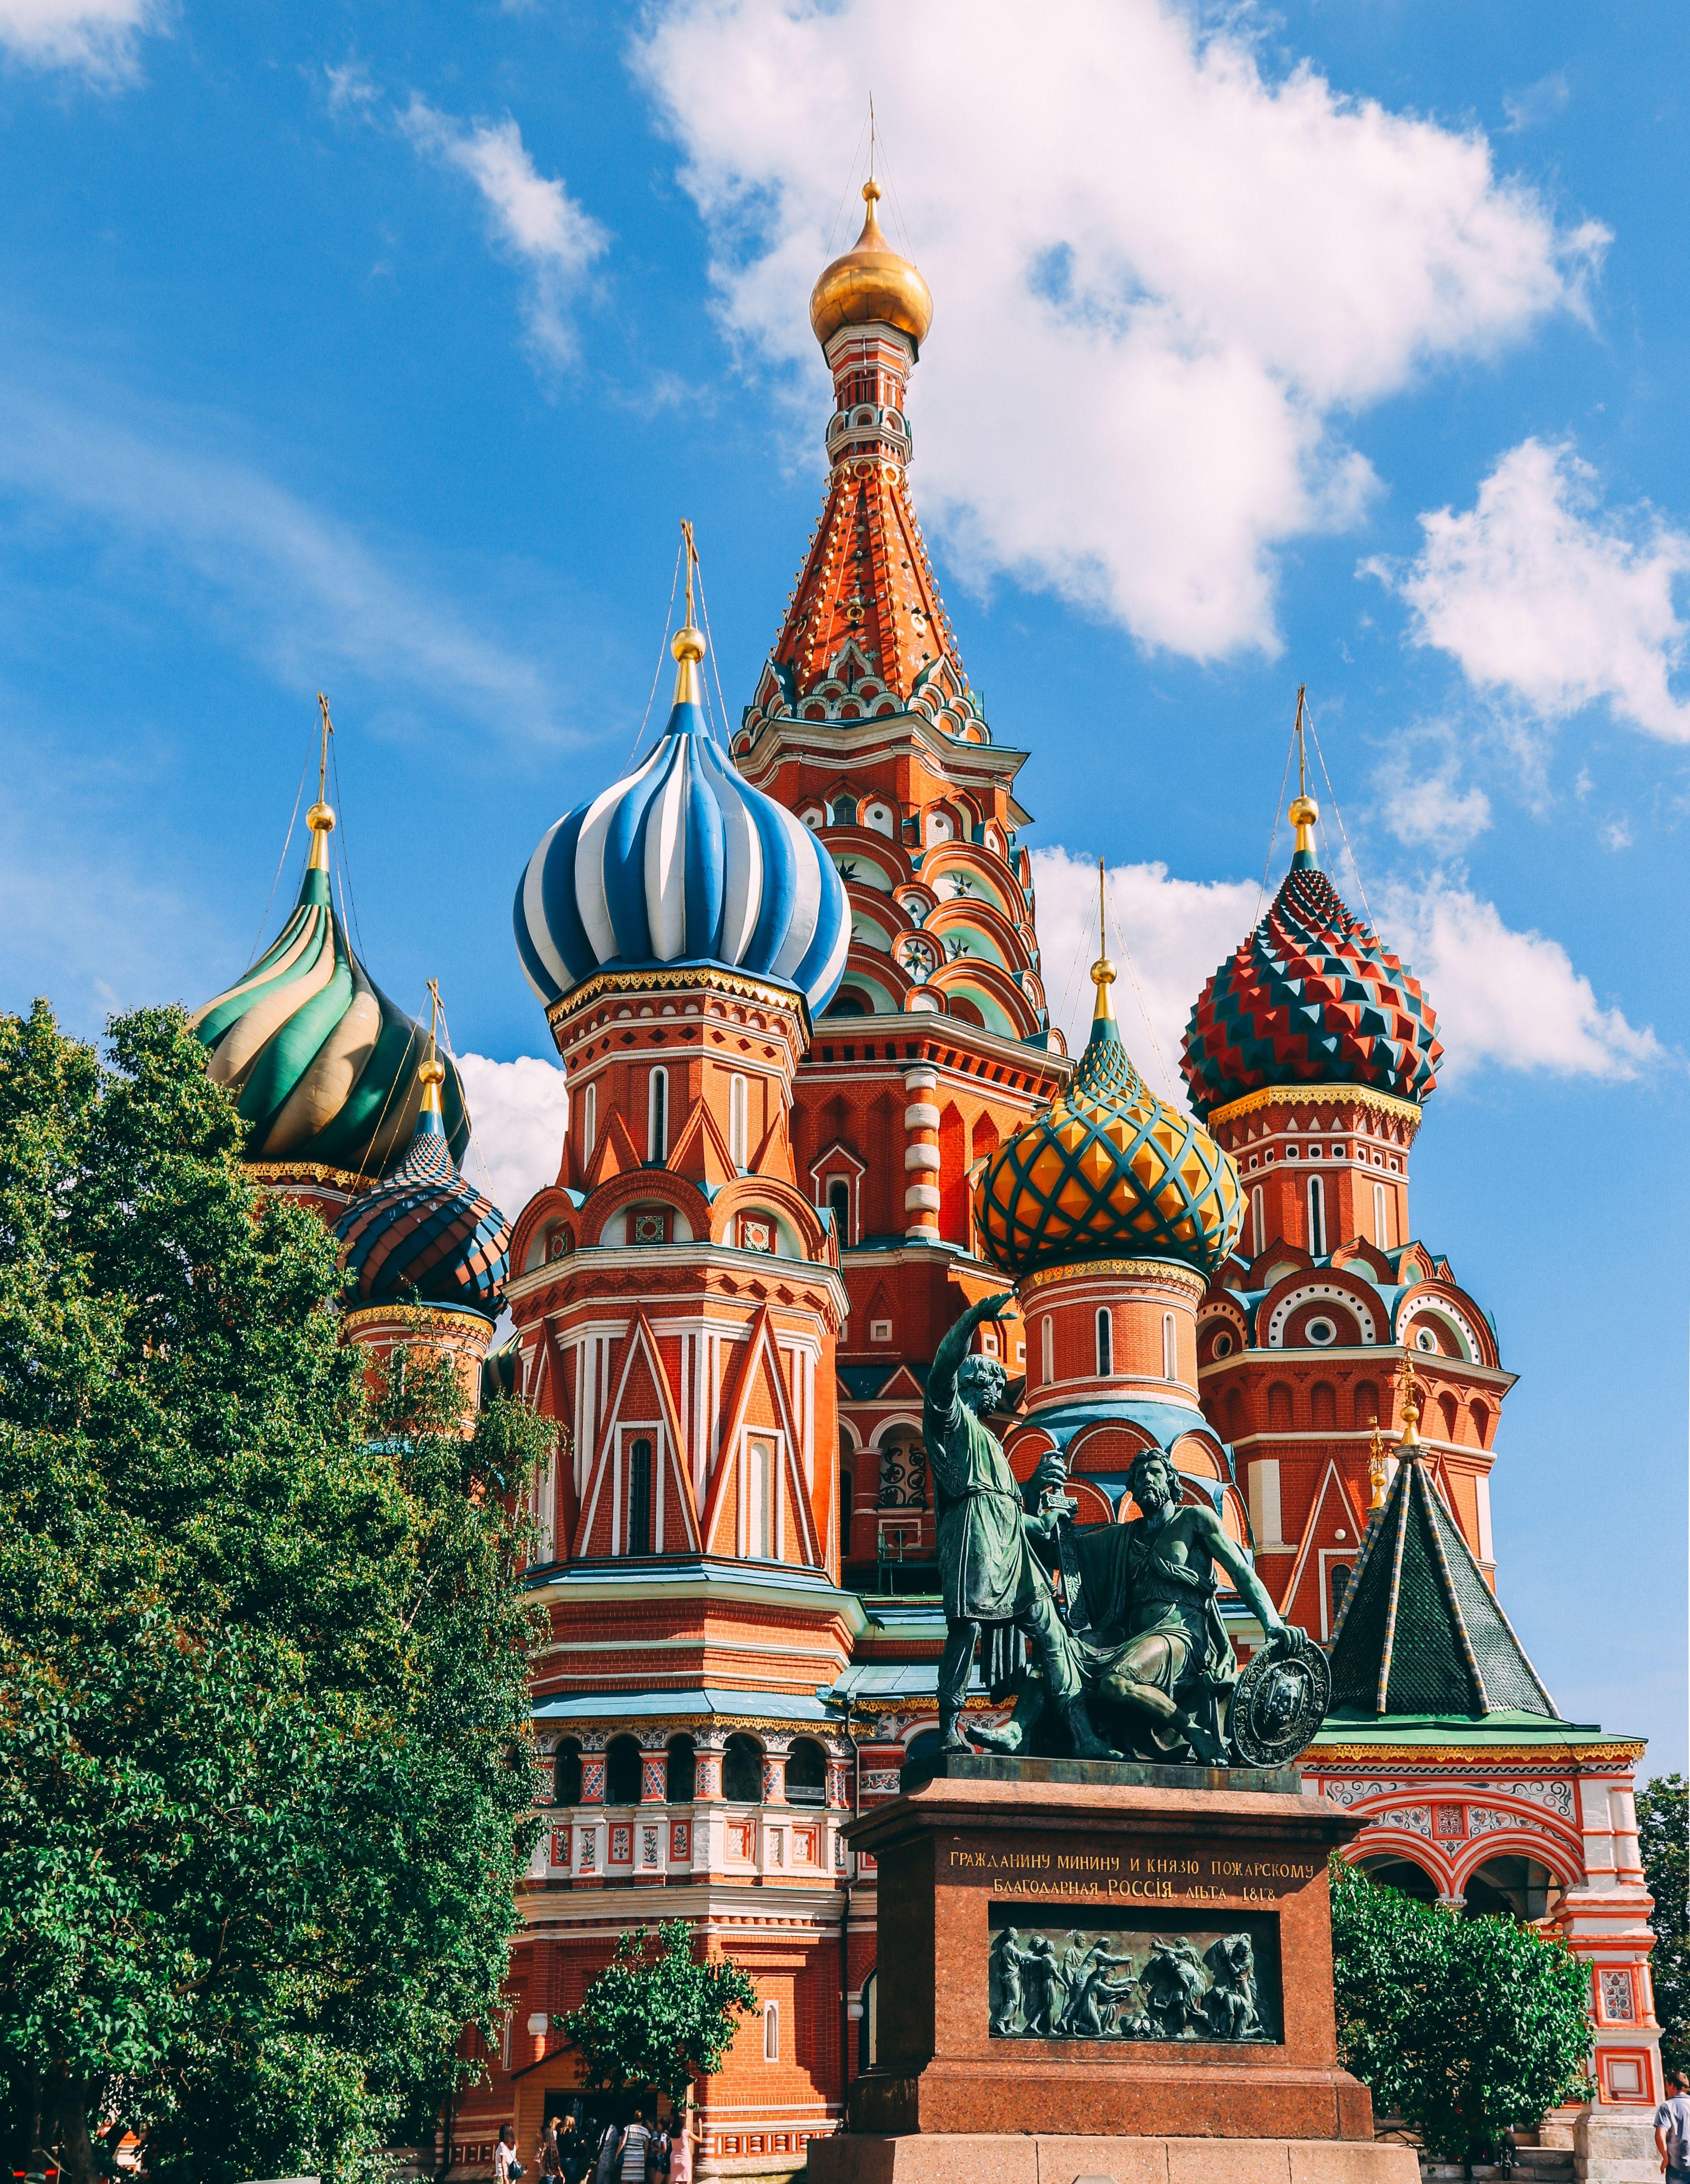 Russia Architecture Building Saint Basil S Cathedral Saint Basil S Cathedral Moscow Russia St Basil S C St Basils Cathedral St Basil S Travel Visa